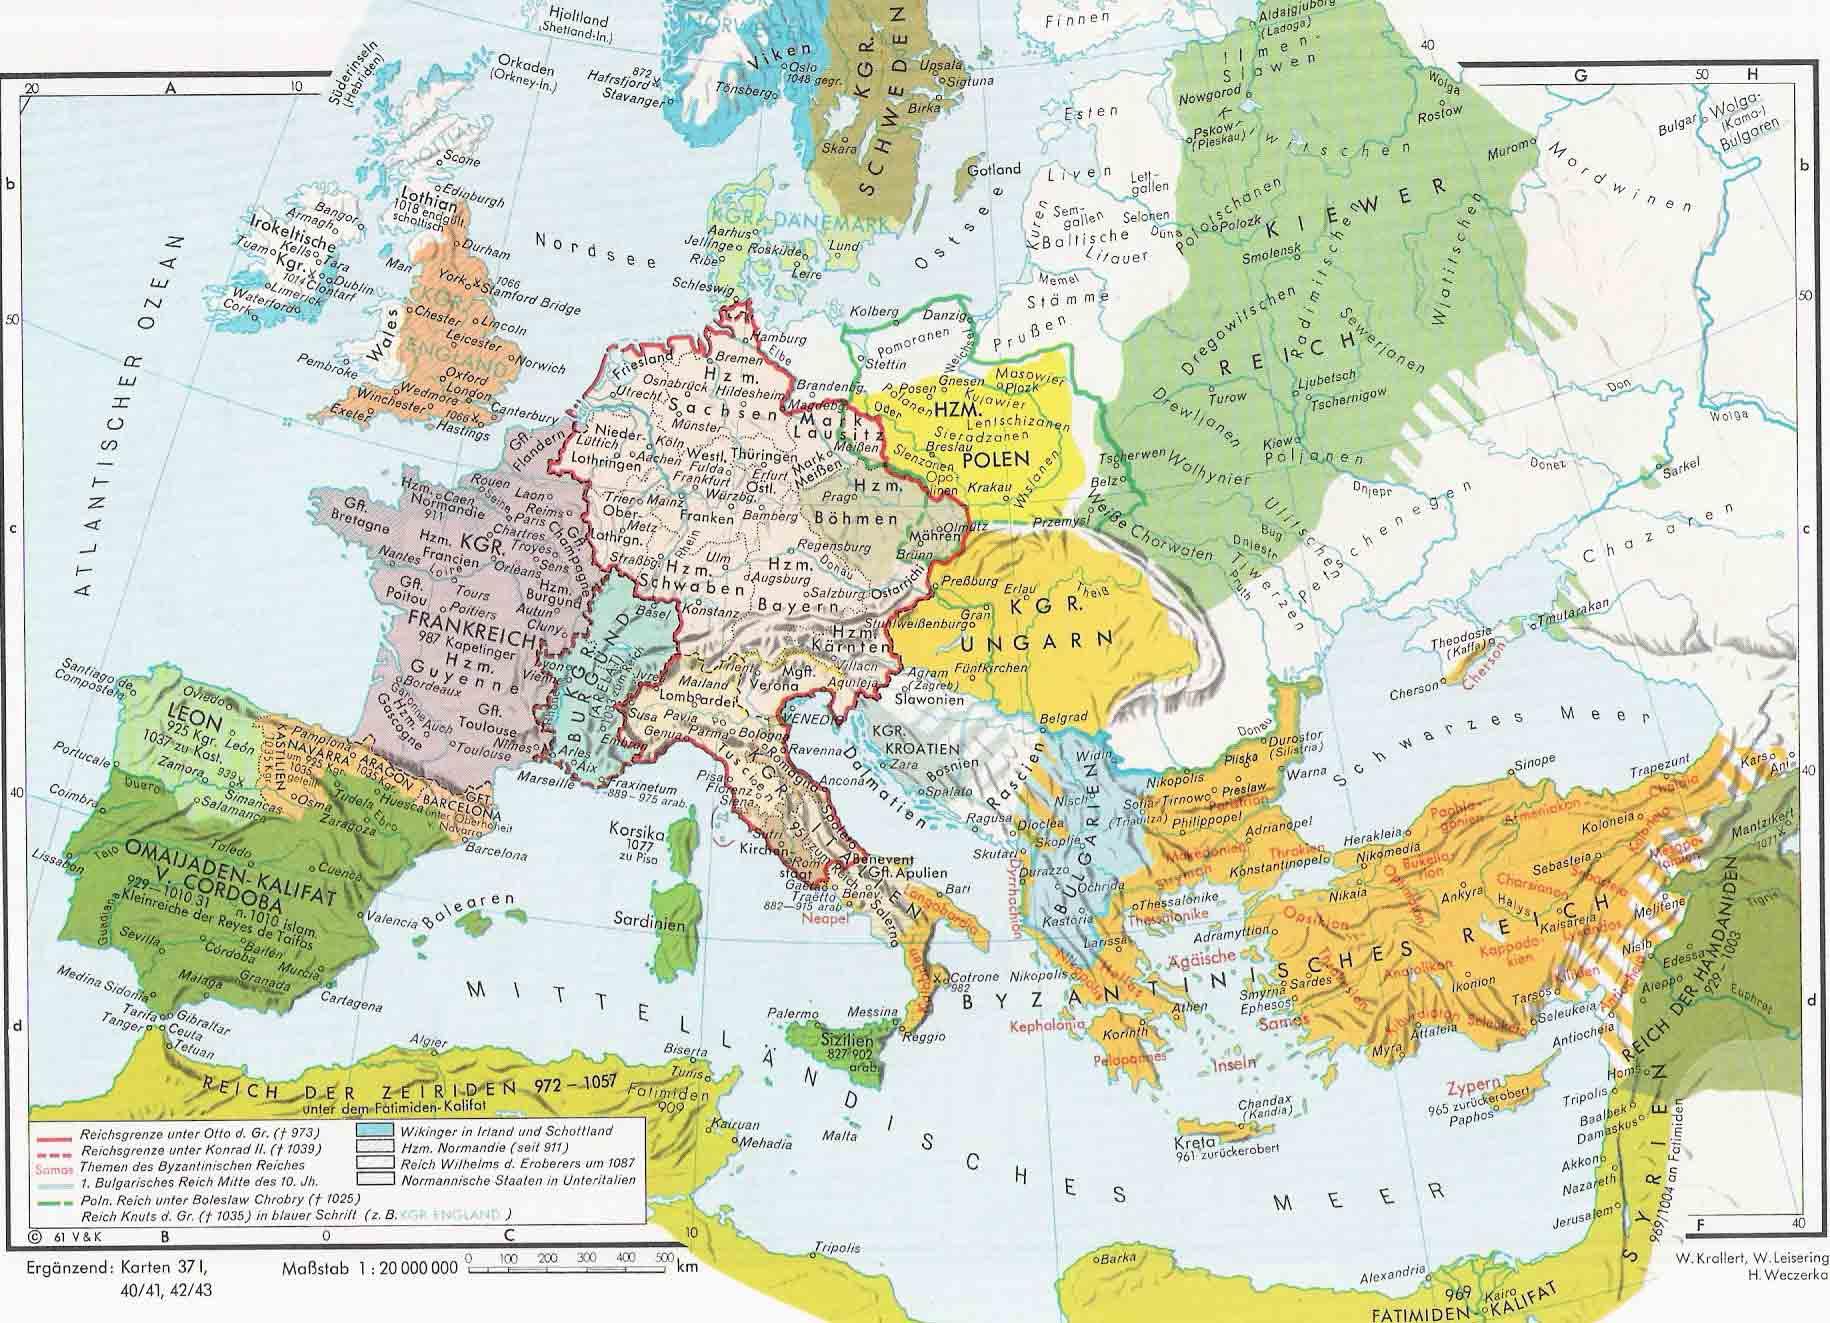 Europa en la Edad Media 900-1000